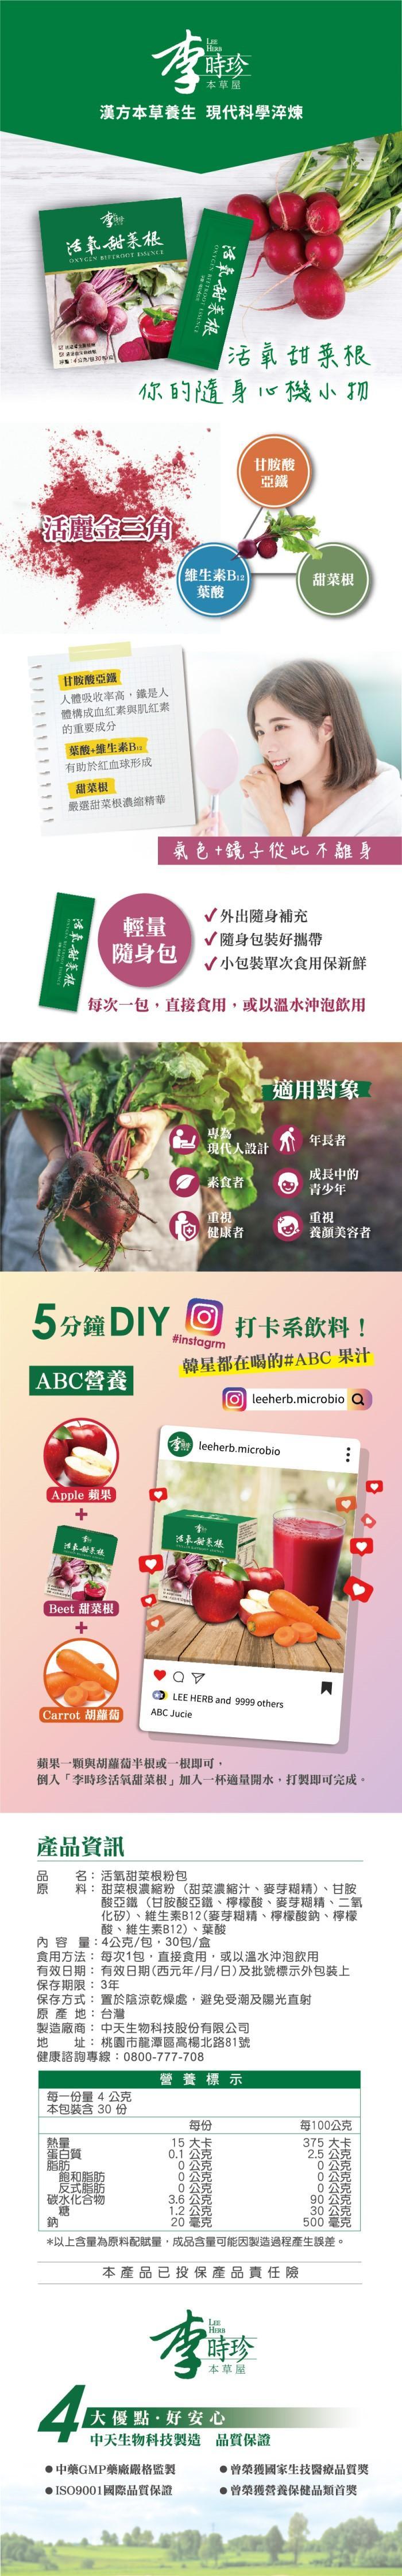 李時珍-活氧甜菜根粉包(30包)產品資訊